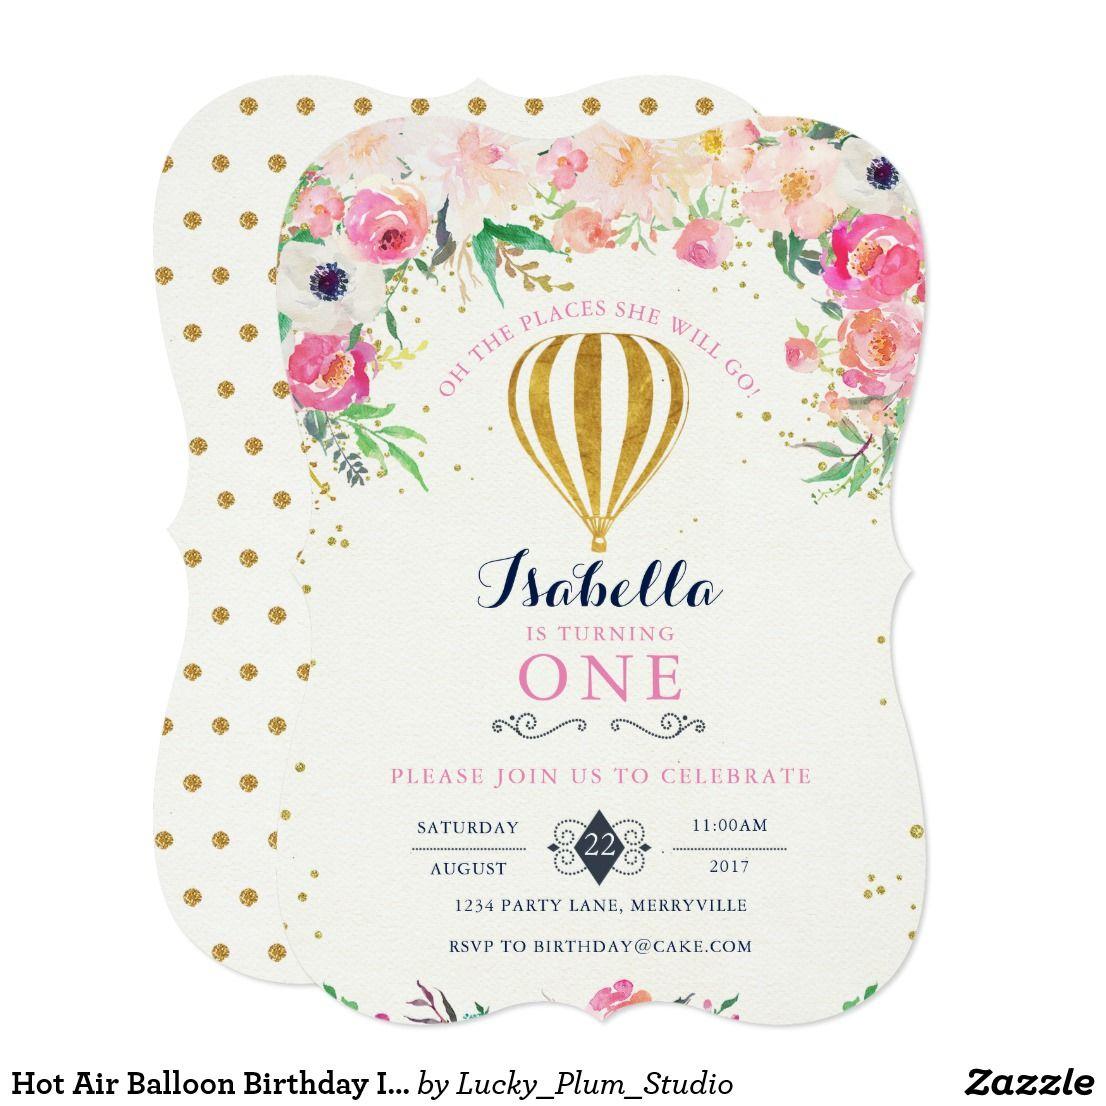 Hot Air Balloon Birthday Invitation | { Happy Birthday - Invitations ...